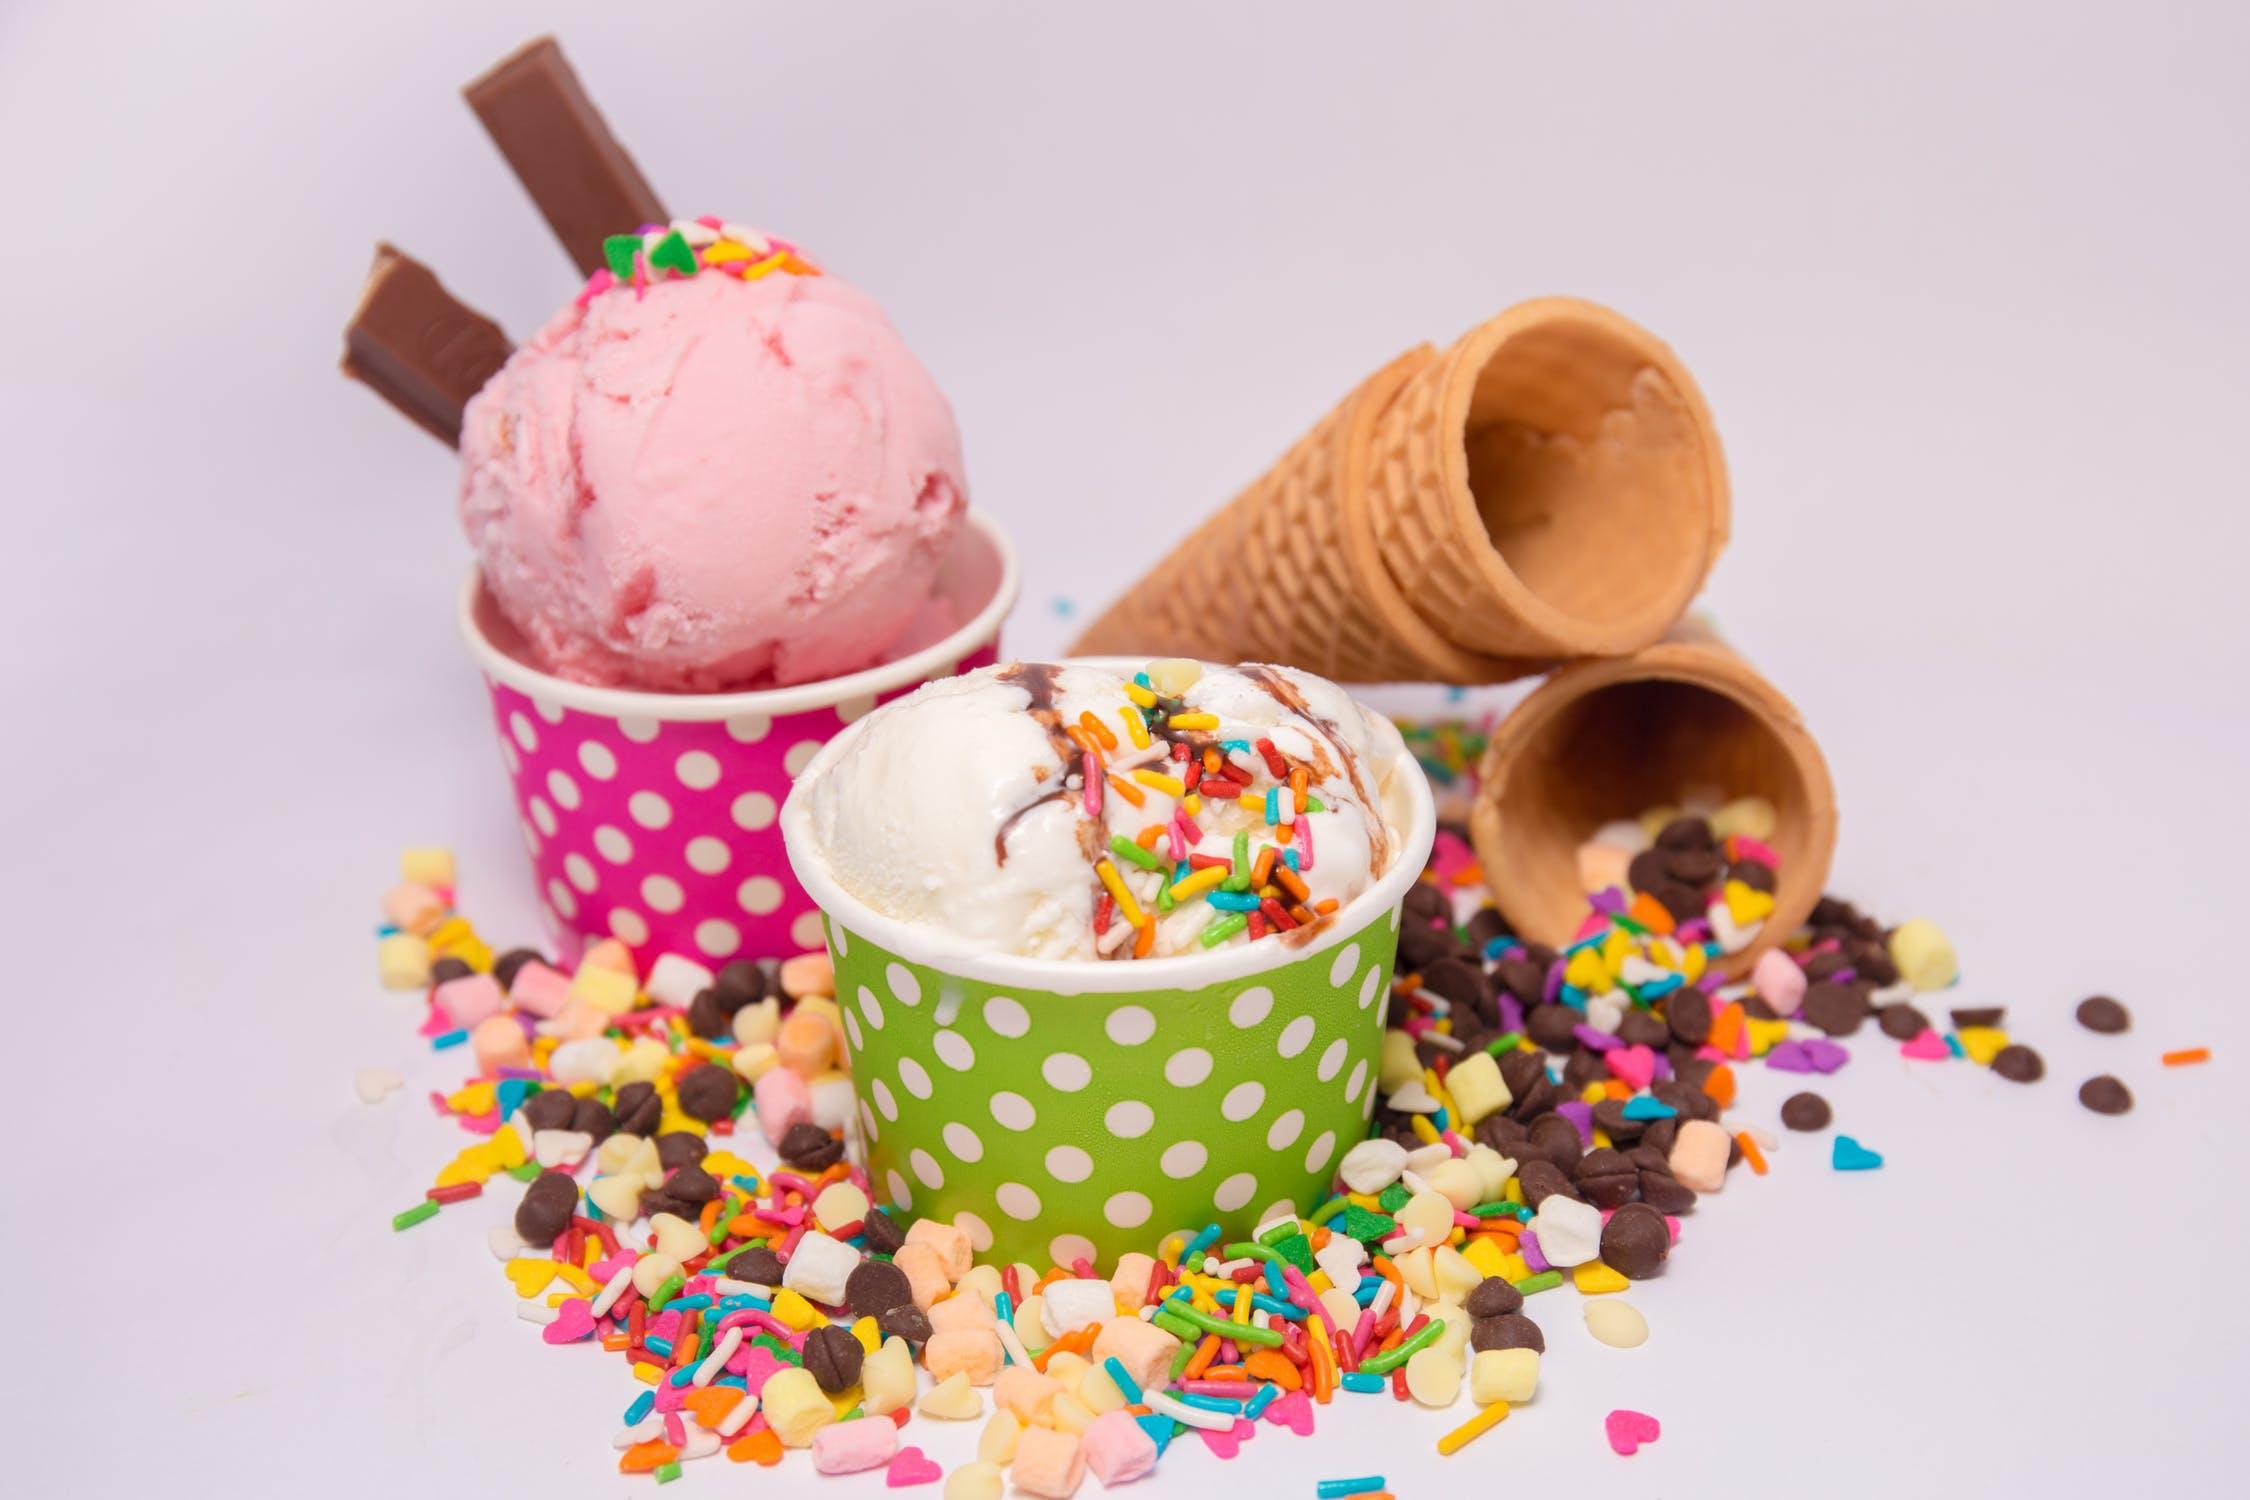 pexels photo 1362534 - Yummy Photos of Ice Cream